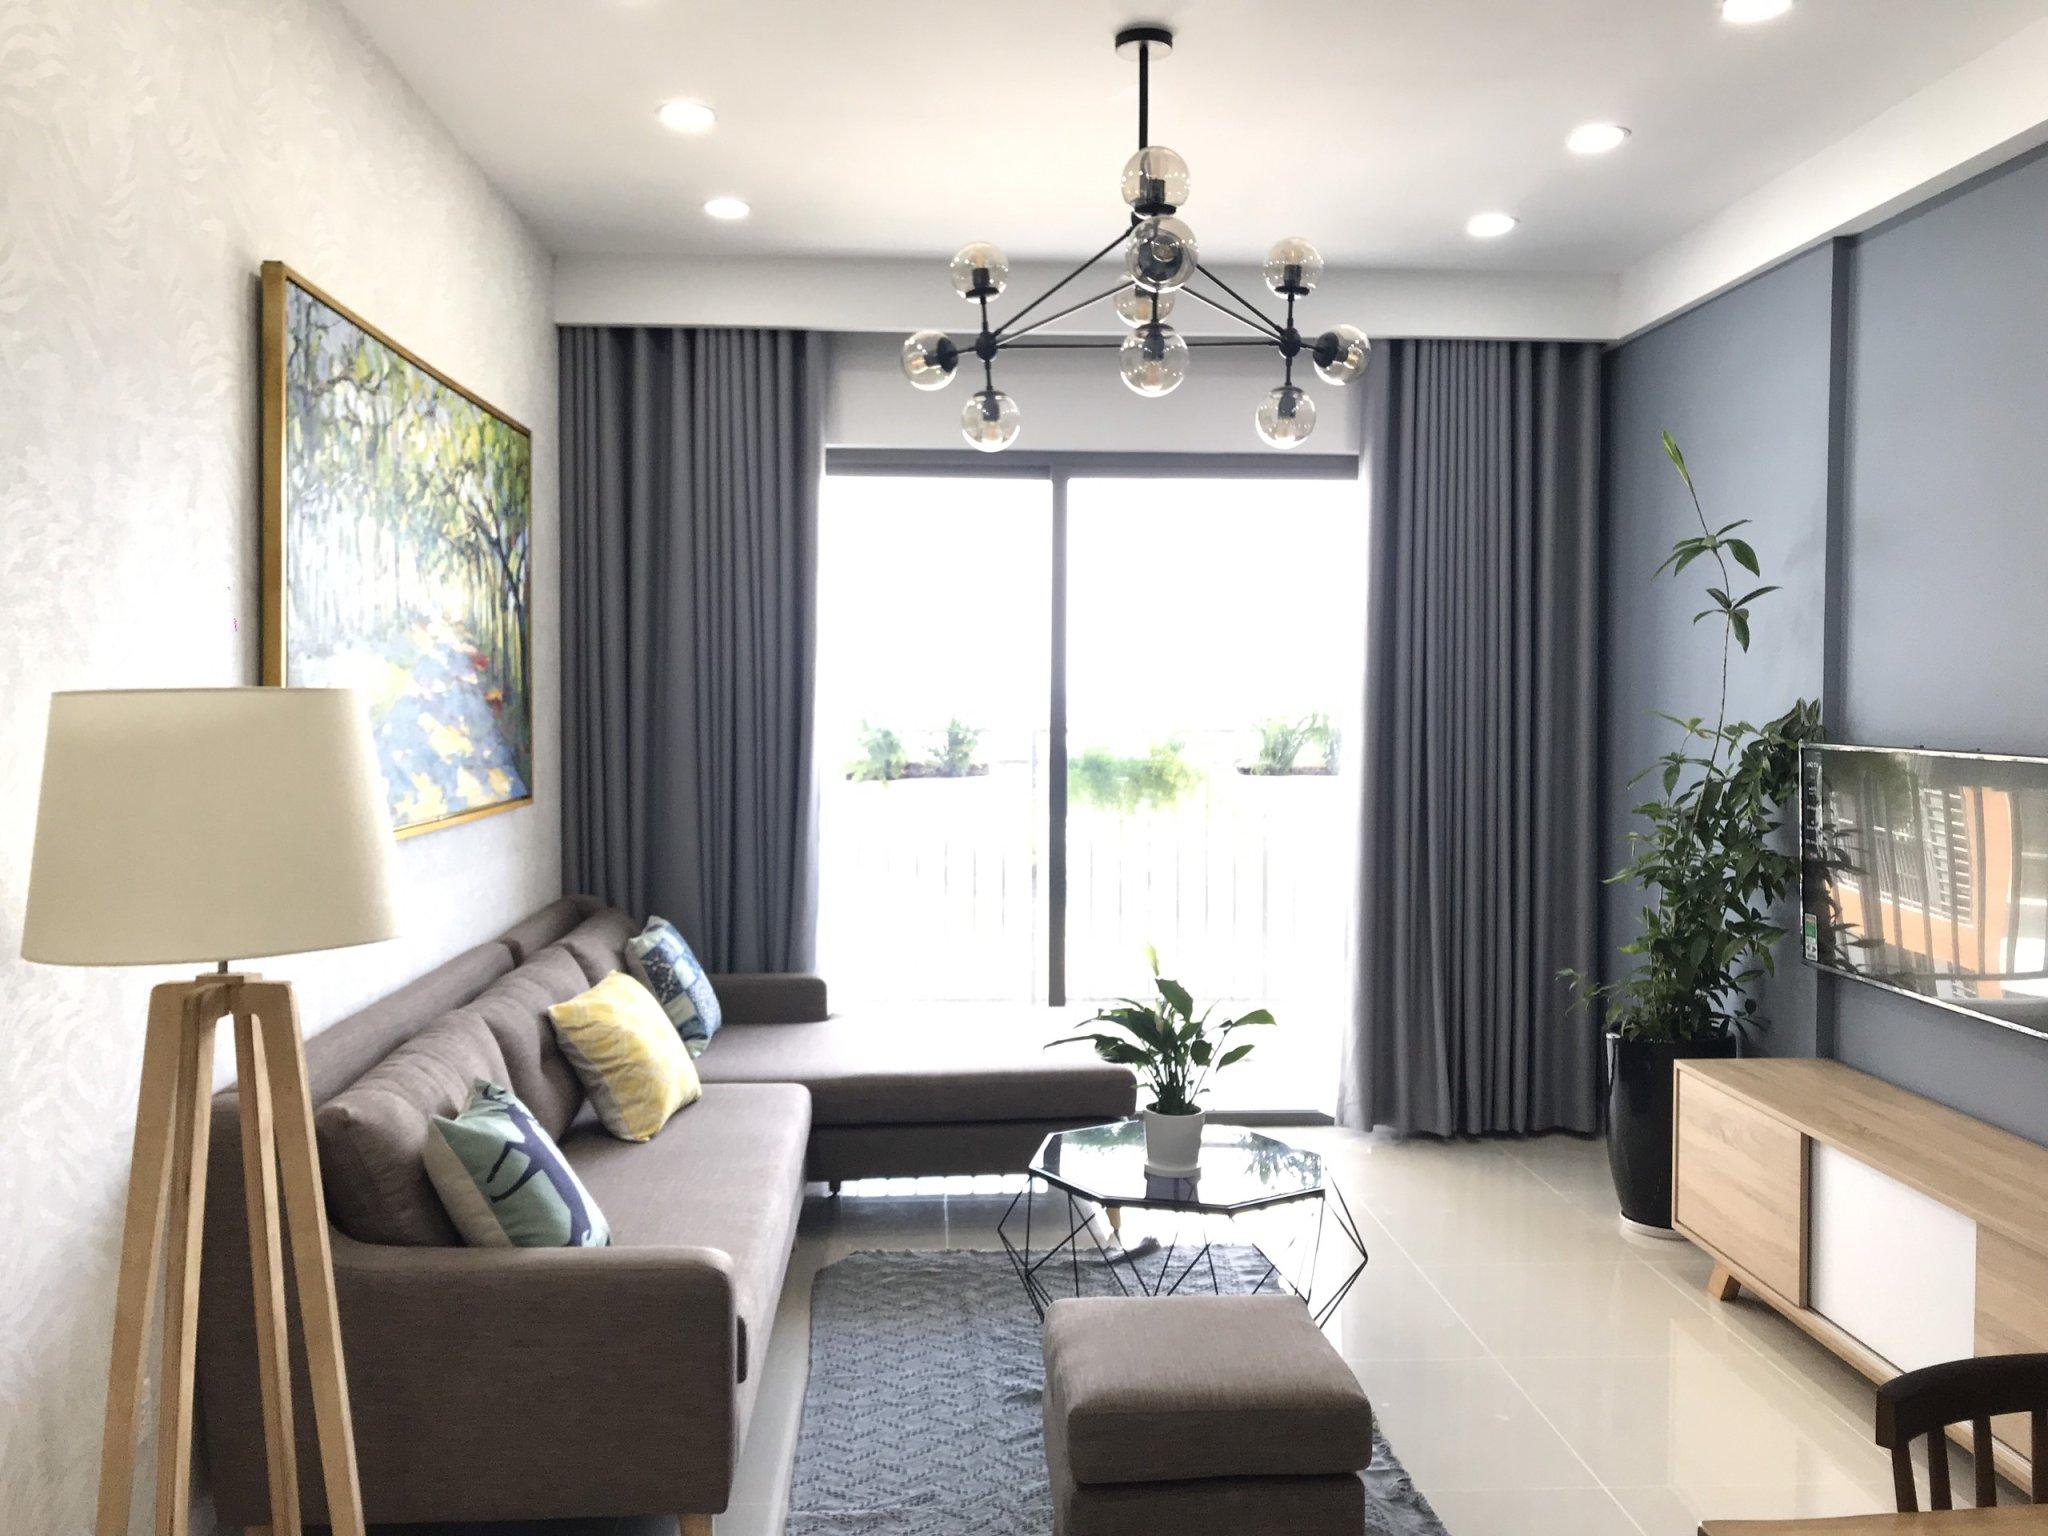 The Sun Avenue 3 phòng ngủ diện tích lớn cần cho thuê - ID 010029